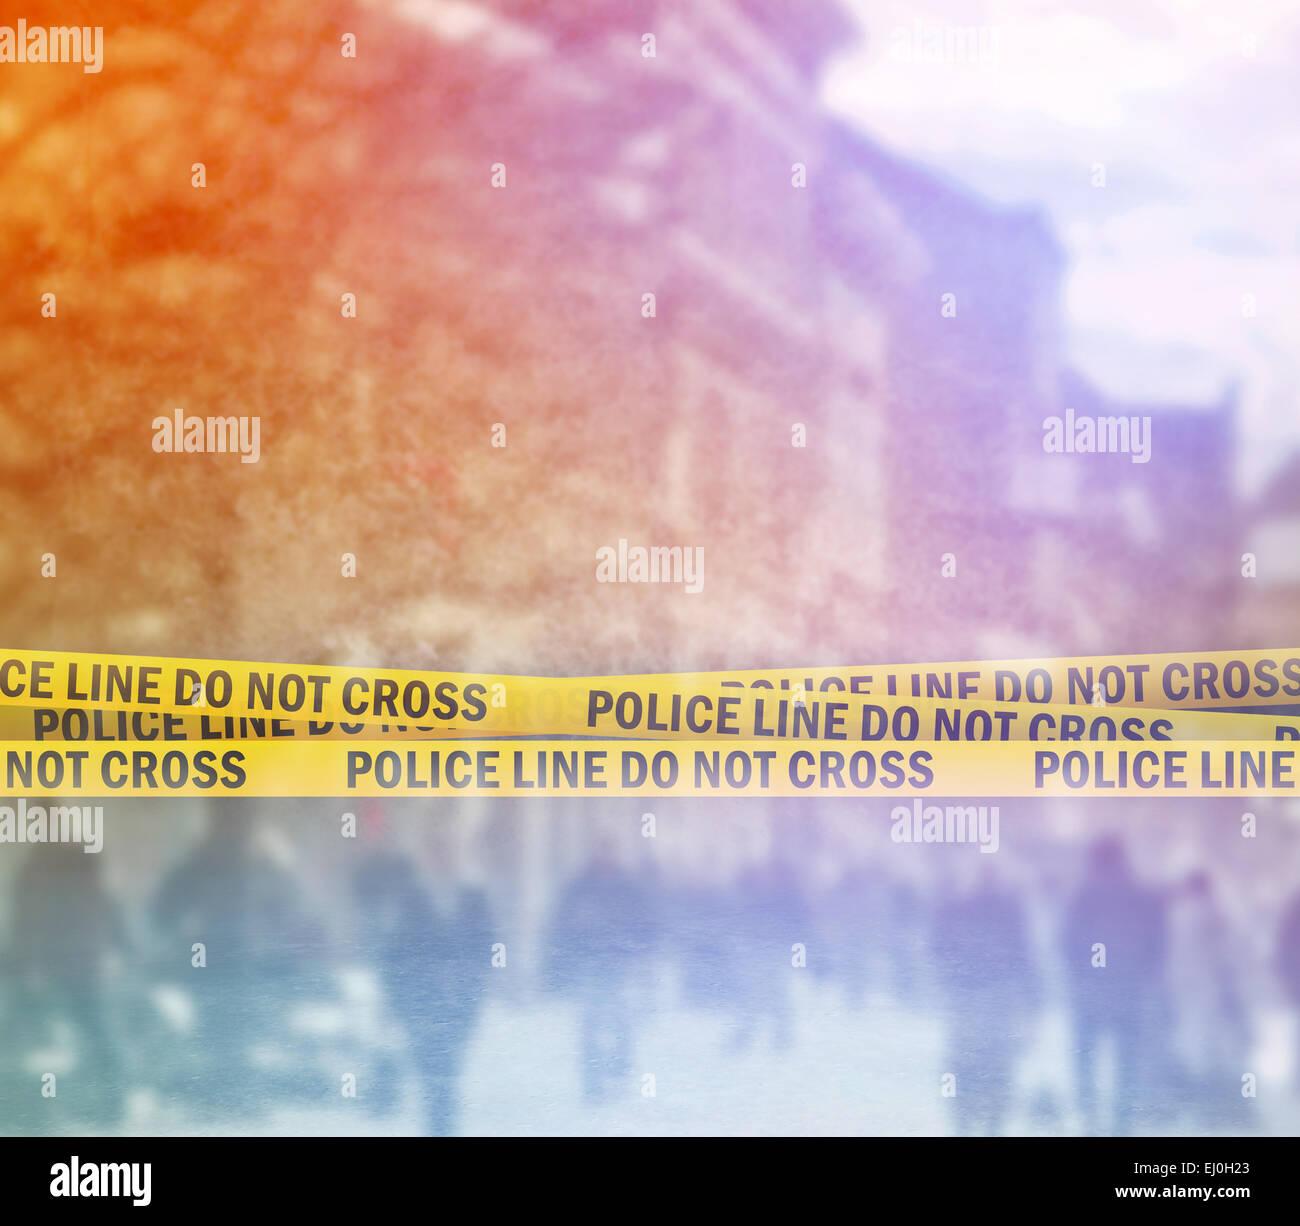 Polizeiabsperrung kreuzen nicht gelben Stirnband Band, Tatort auf der Straße Stockbild